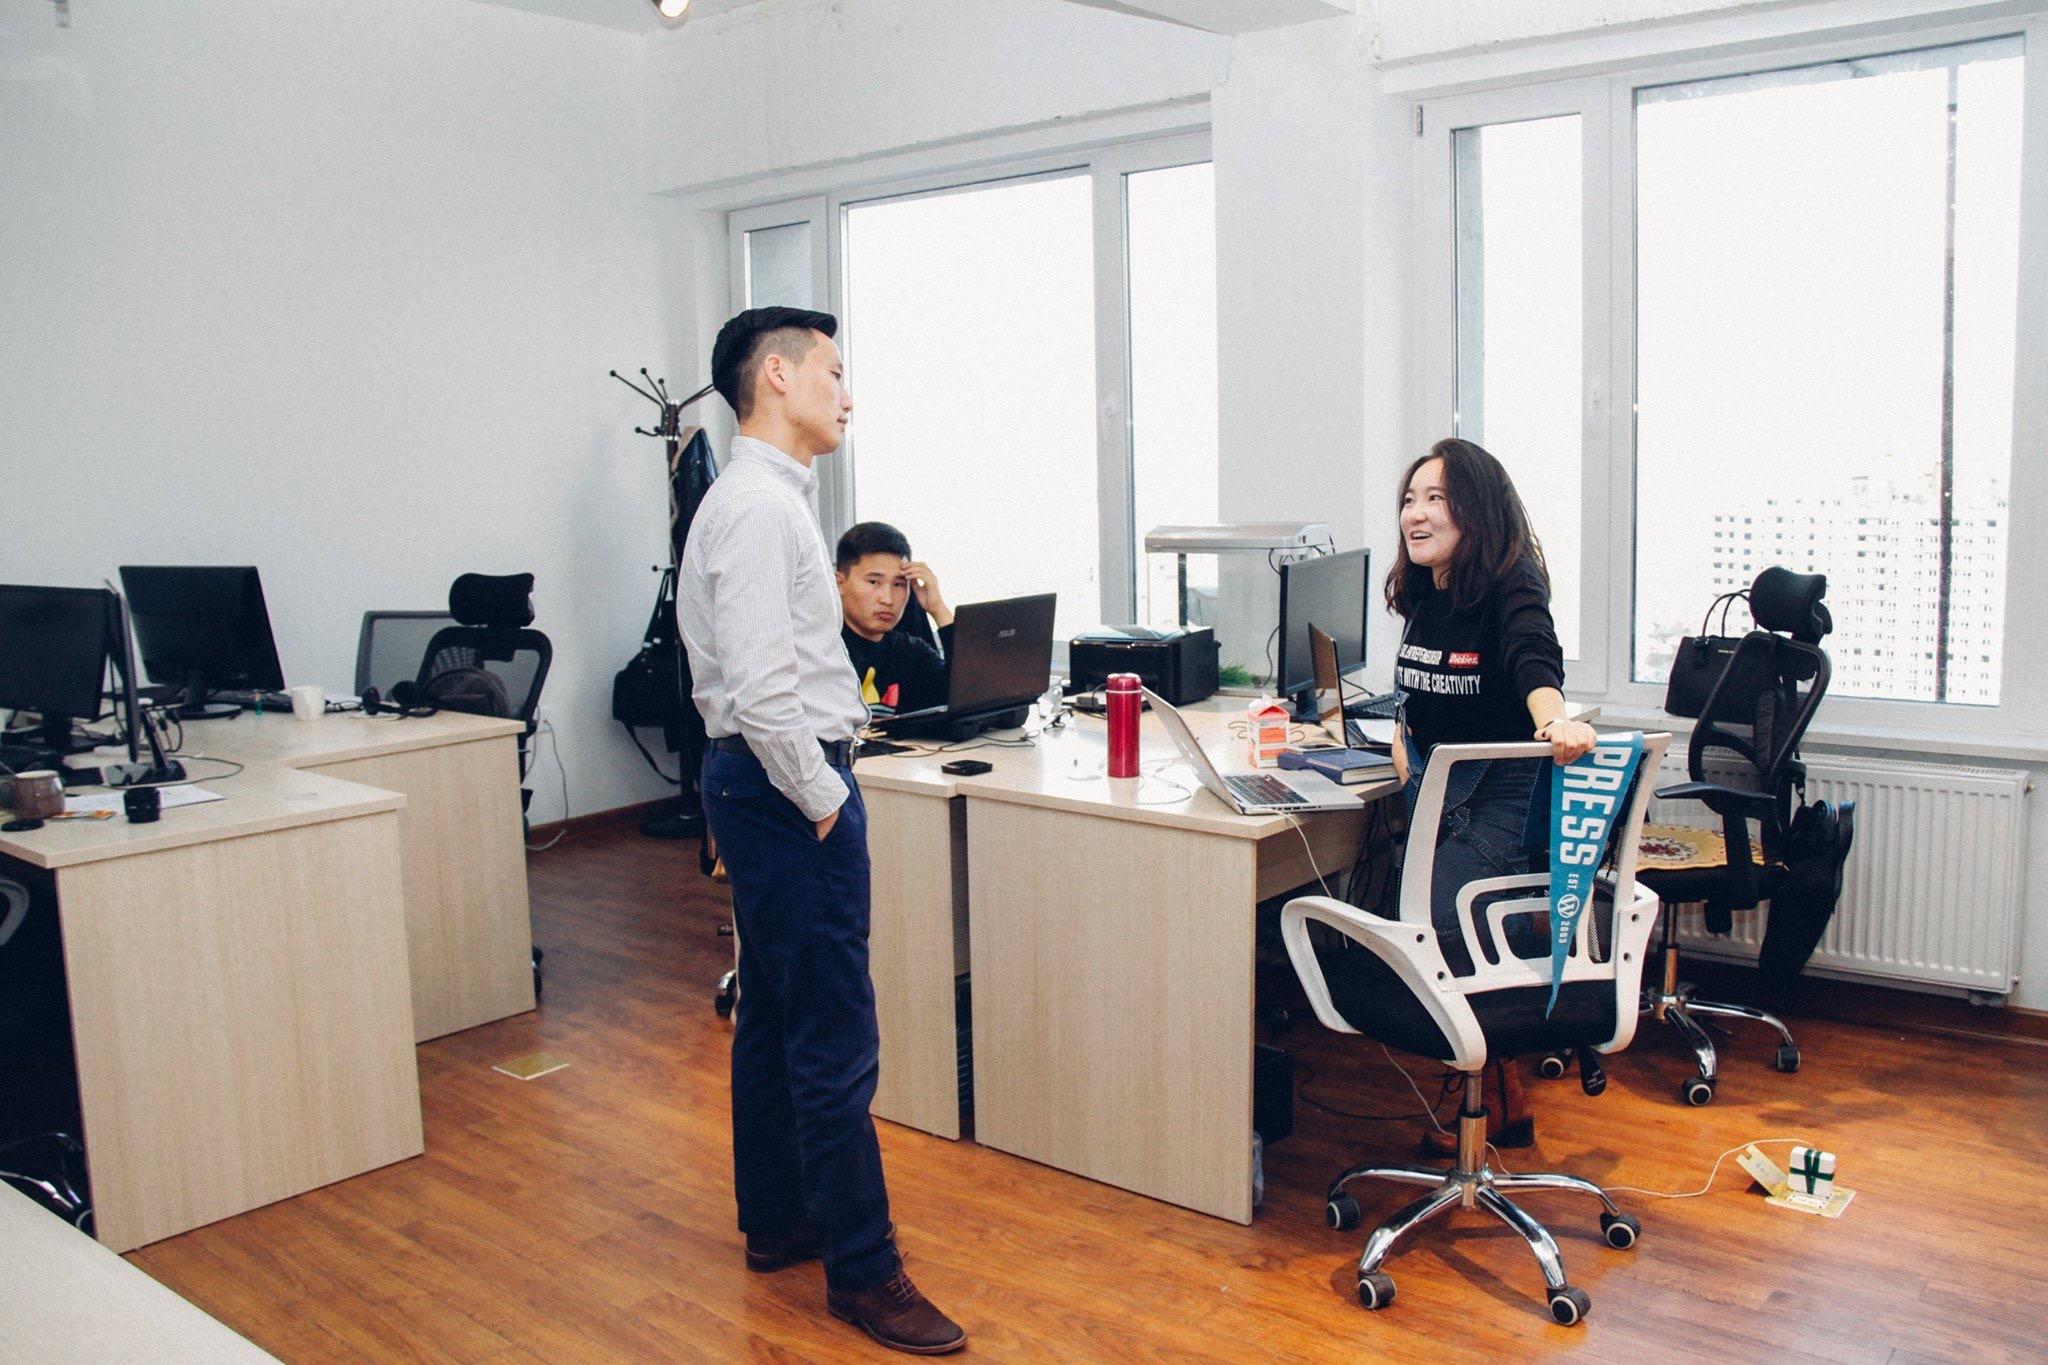 Workcentral Mongolia, Ulaanbaatar